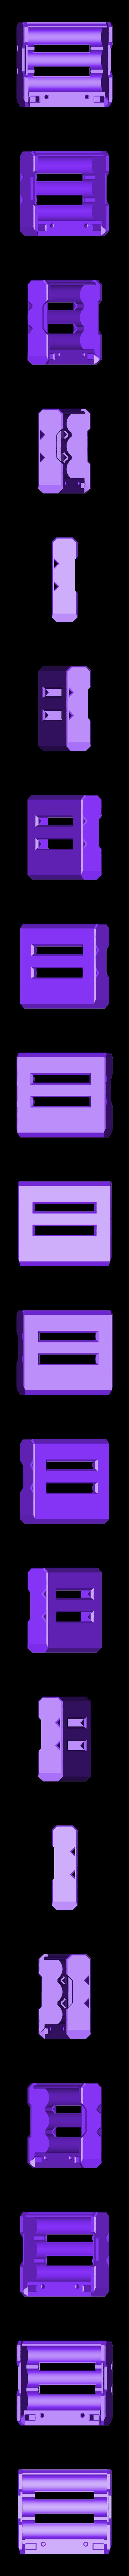 18650_3P_base_V2_Vented.stl Télécharger fichier STL gratuit NESE, le module V2 sans soudure 18650 (VENTED) • Objet pour imprimante 3D, 18650